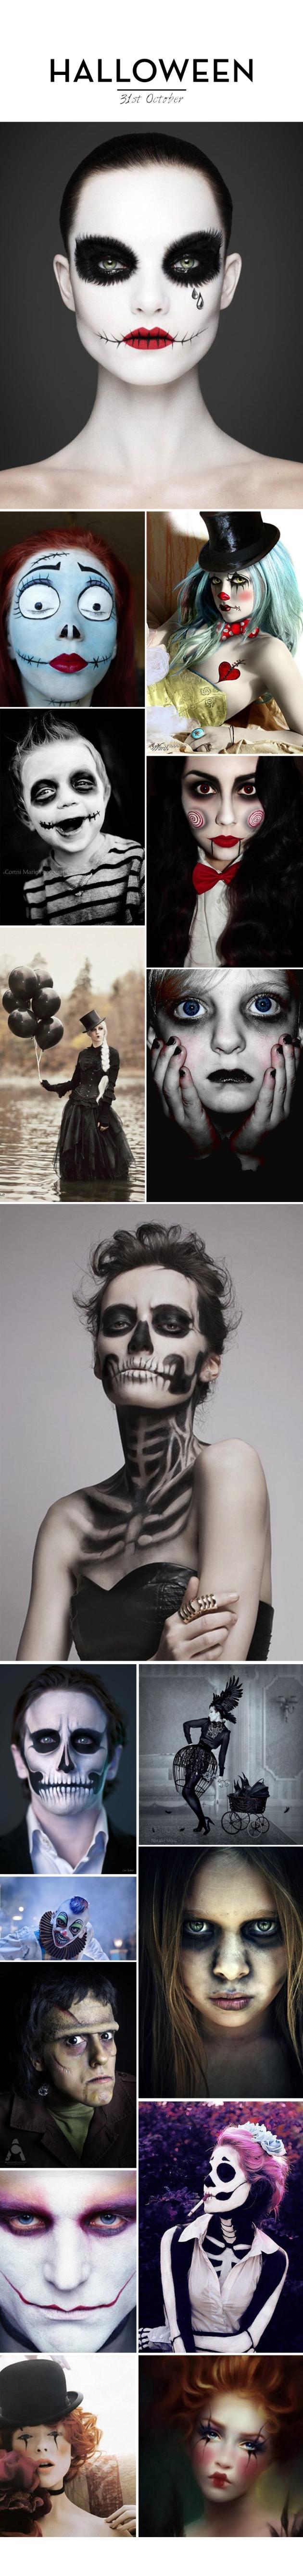 hallowen2